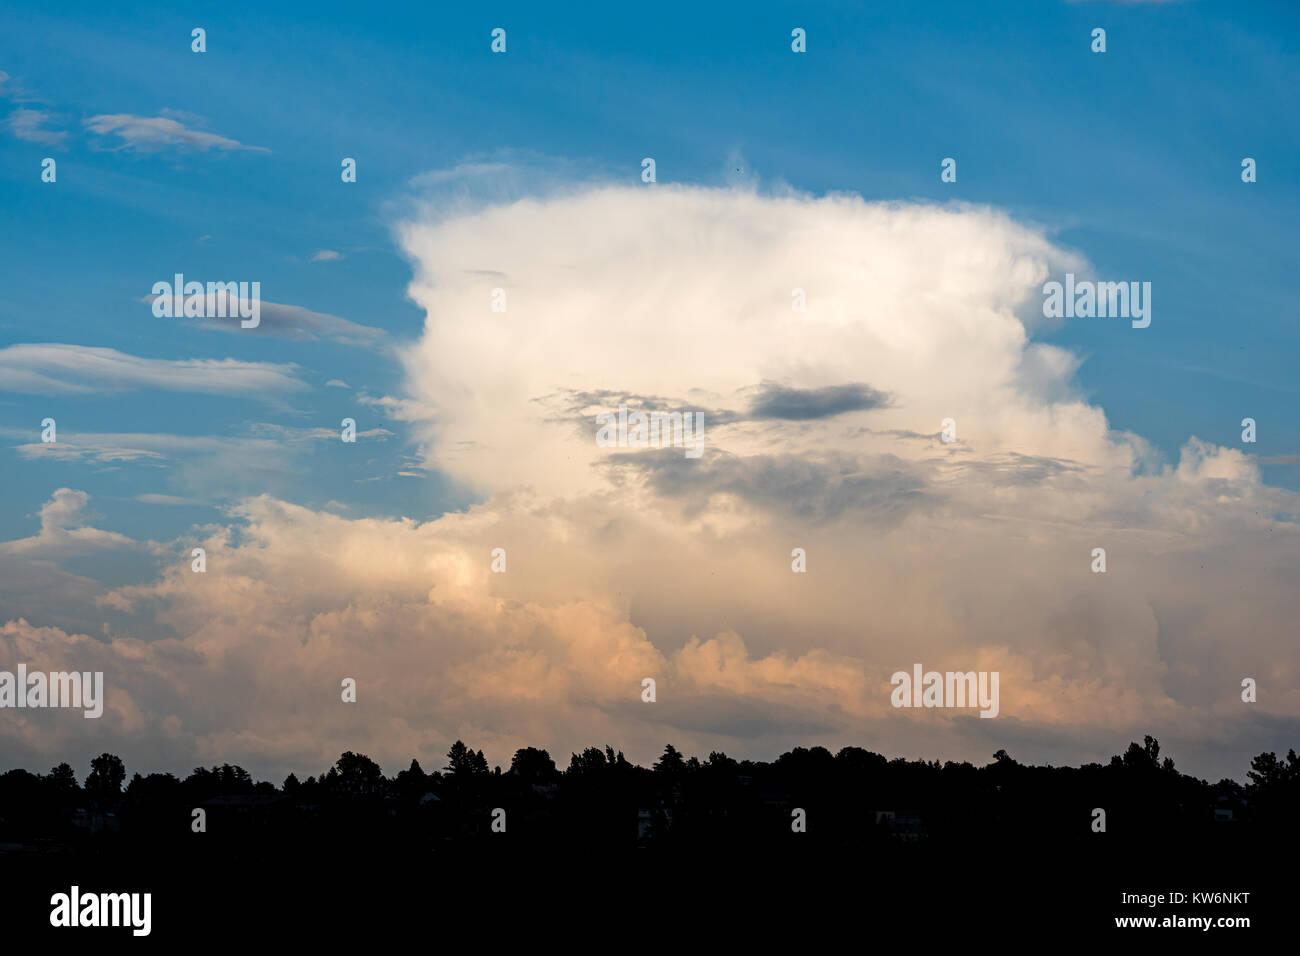 Storm cumulonimbus cloud on blue sky before the rain - Stock Image